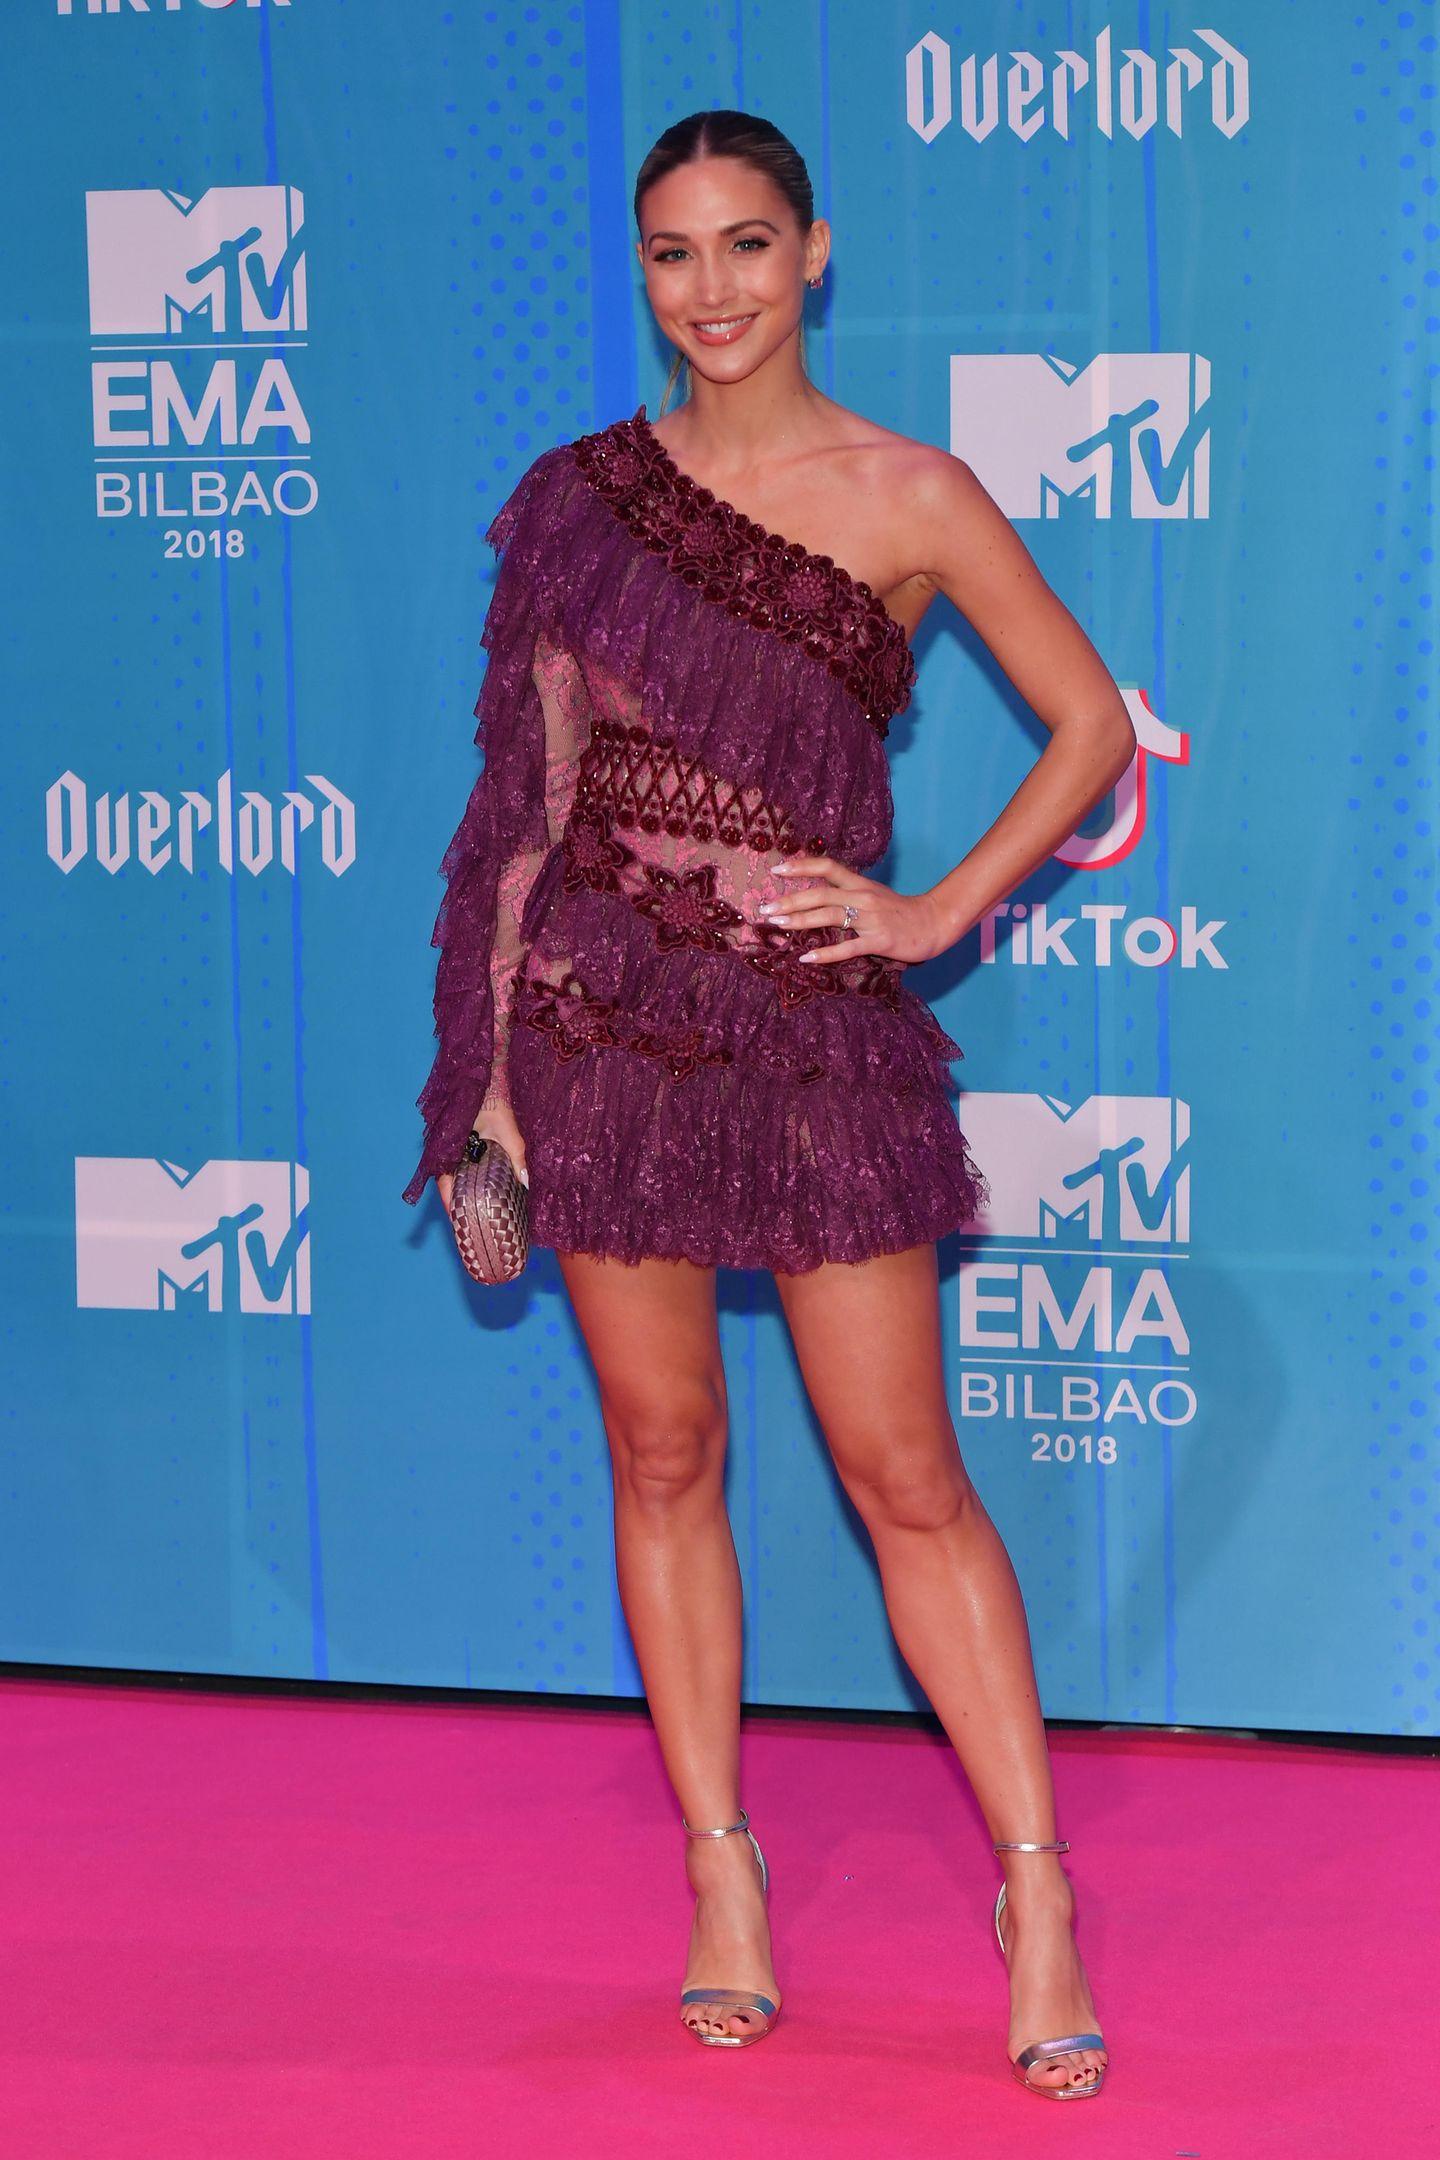 MTV EMA 2018: Ann-Kathrin Götze auf dem Red Carpet